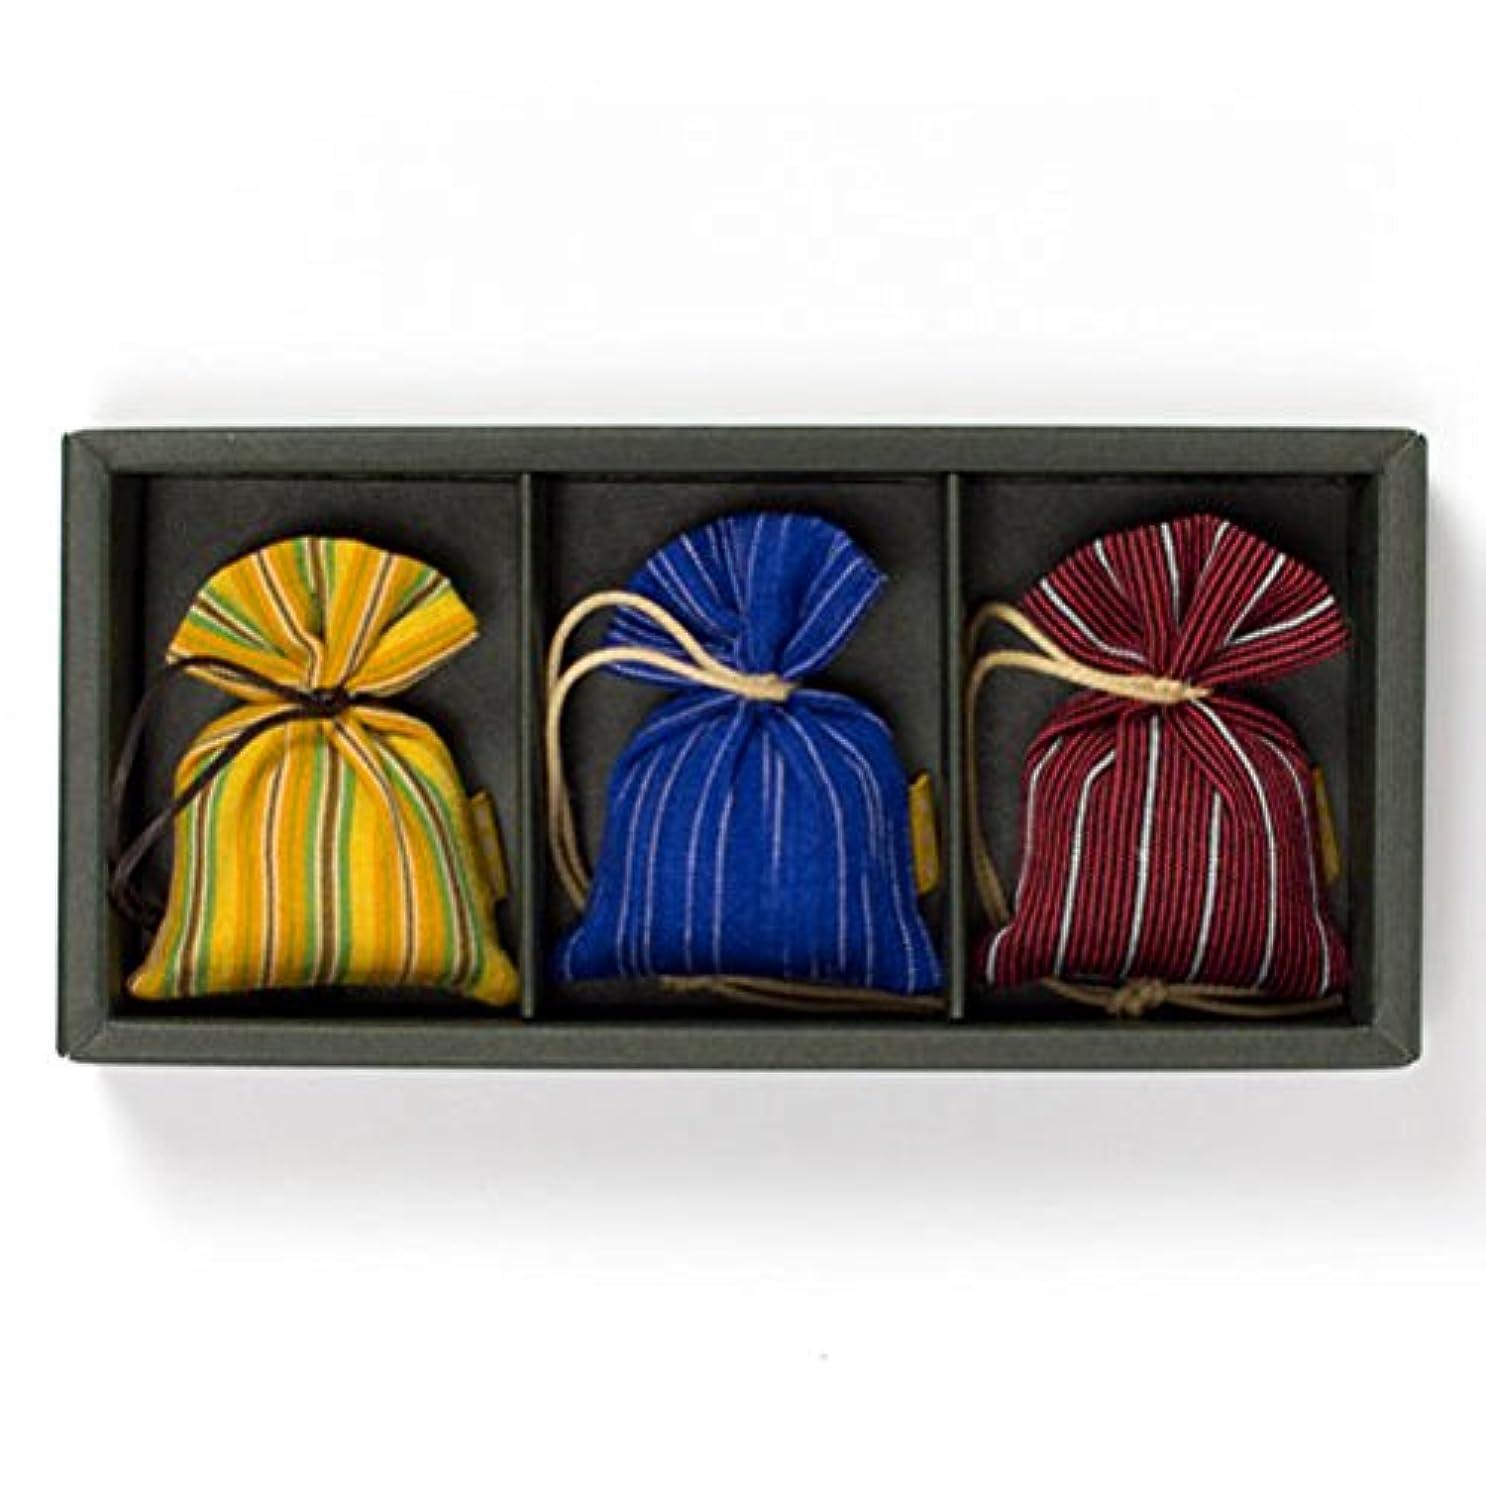 機関押すシングル匂い袋 誰が袖 ルリック(縞) 3個入 松栄堂 Shoyeido 本体長さ60mm (色?柄は選べません)